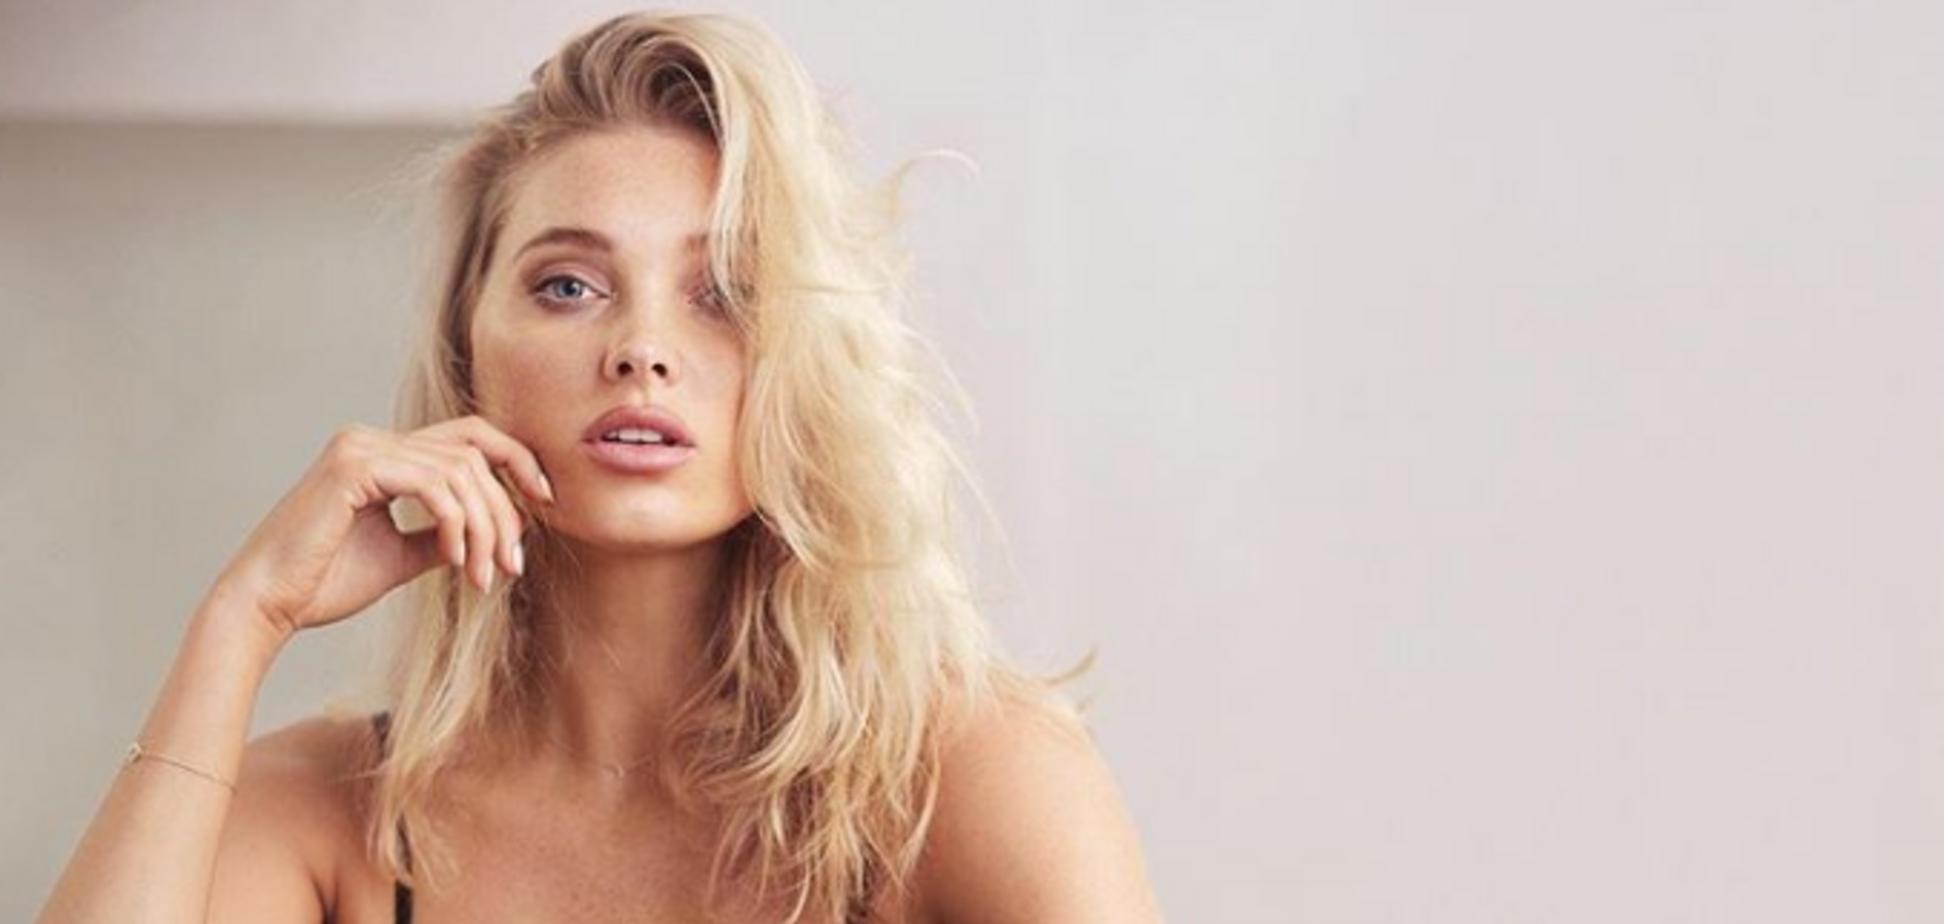 Ангелы Victoria's Secret сверкнули телом в горячей фотосессии